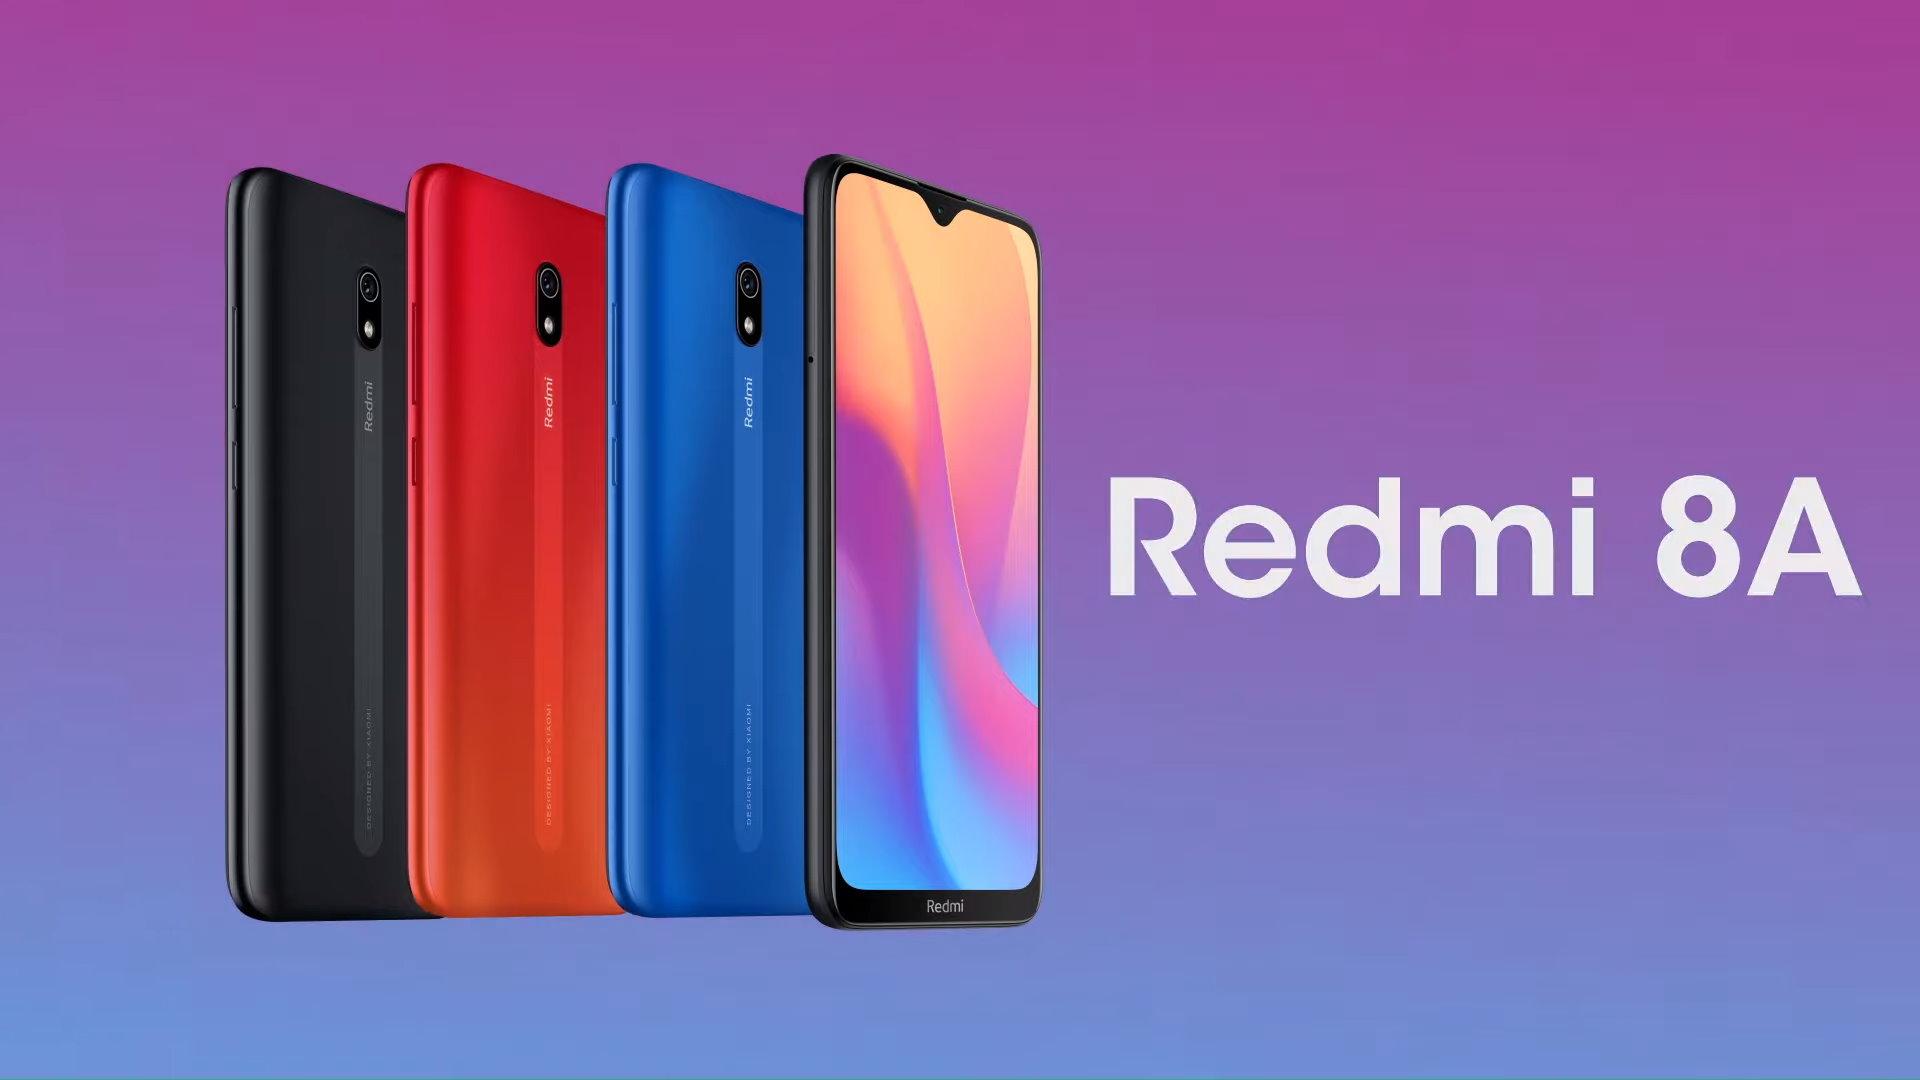 Xiaomi Redmi 8A dévoilé : charge rapide USB-C et batterie de 5000 mAh